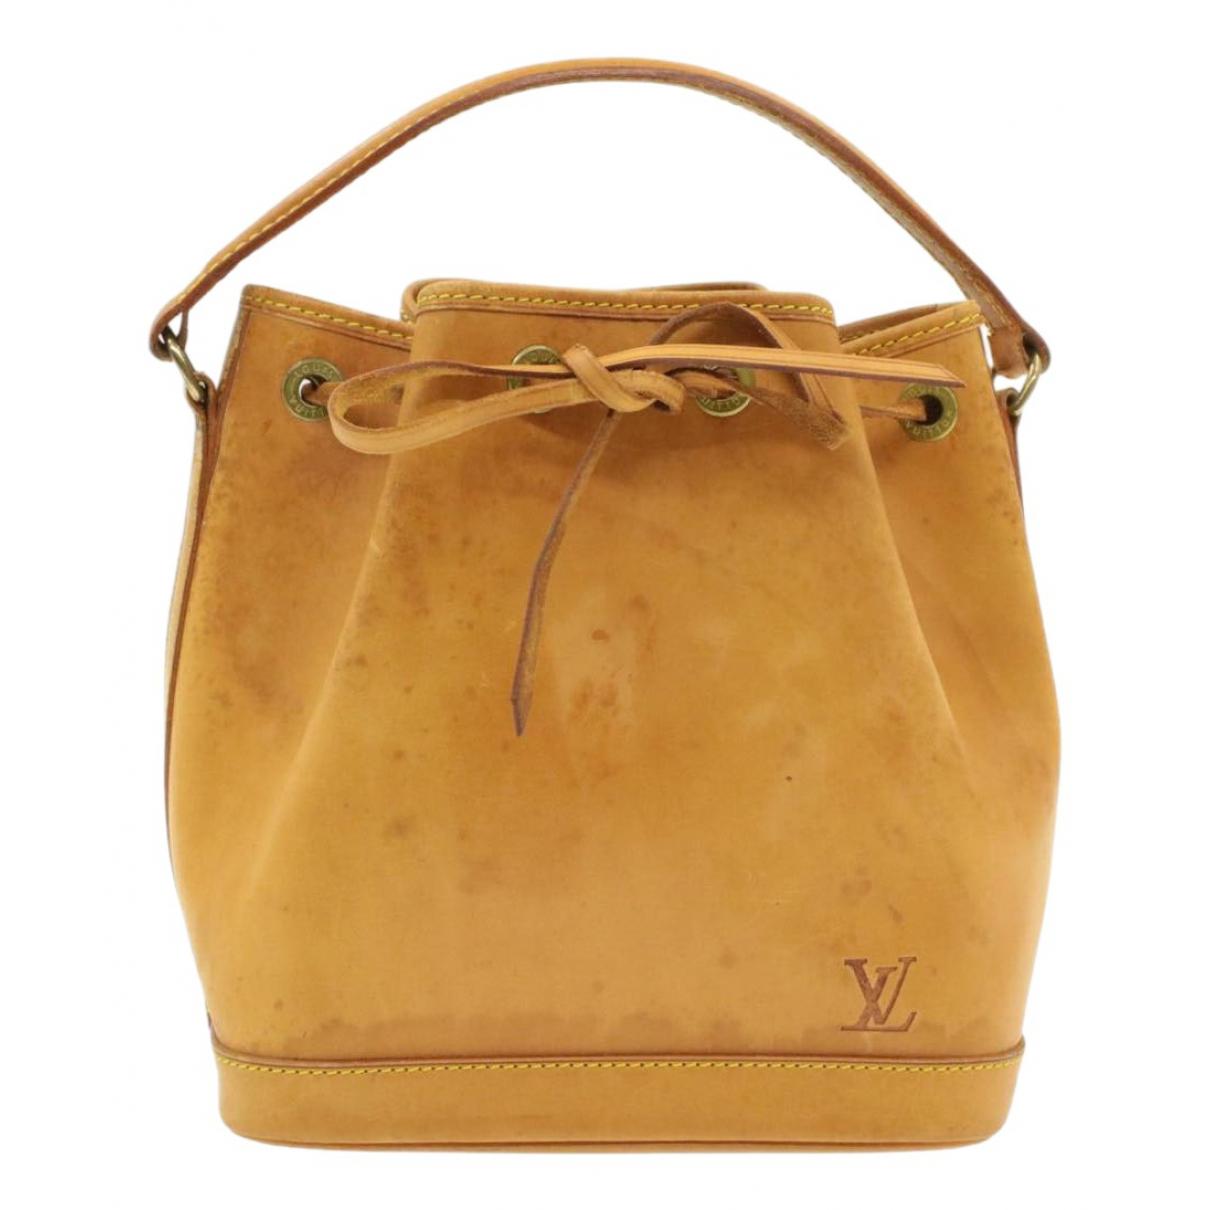 Louis Vuitton - Sac a main Noe pour femme en cuir - beige